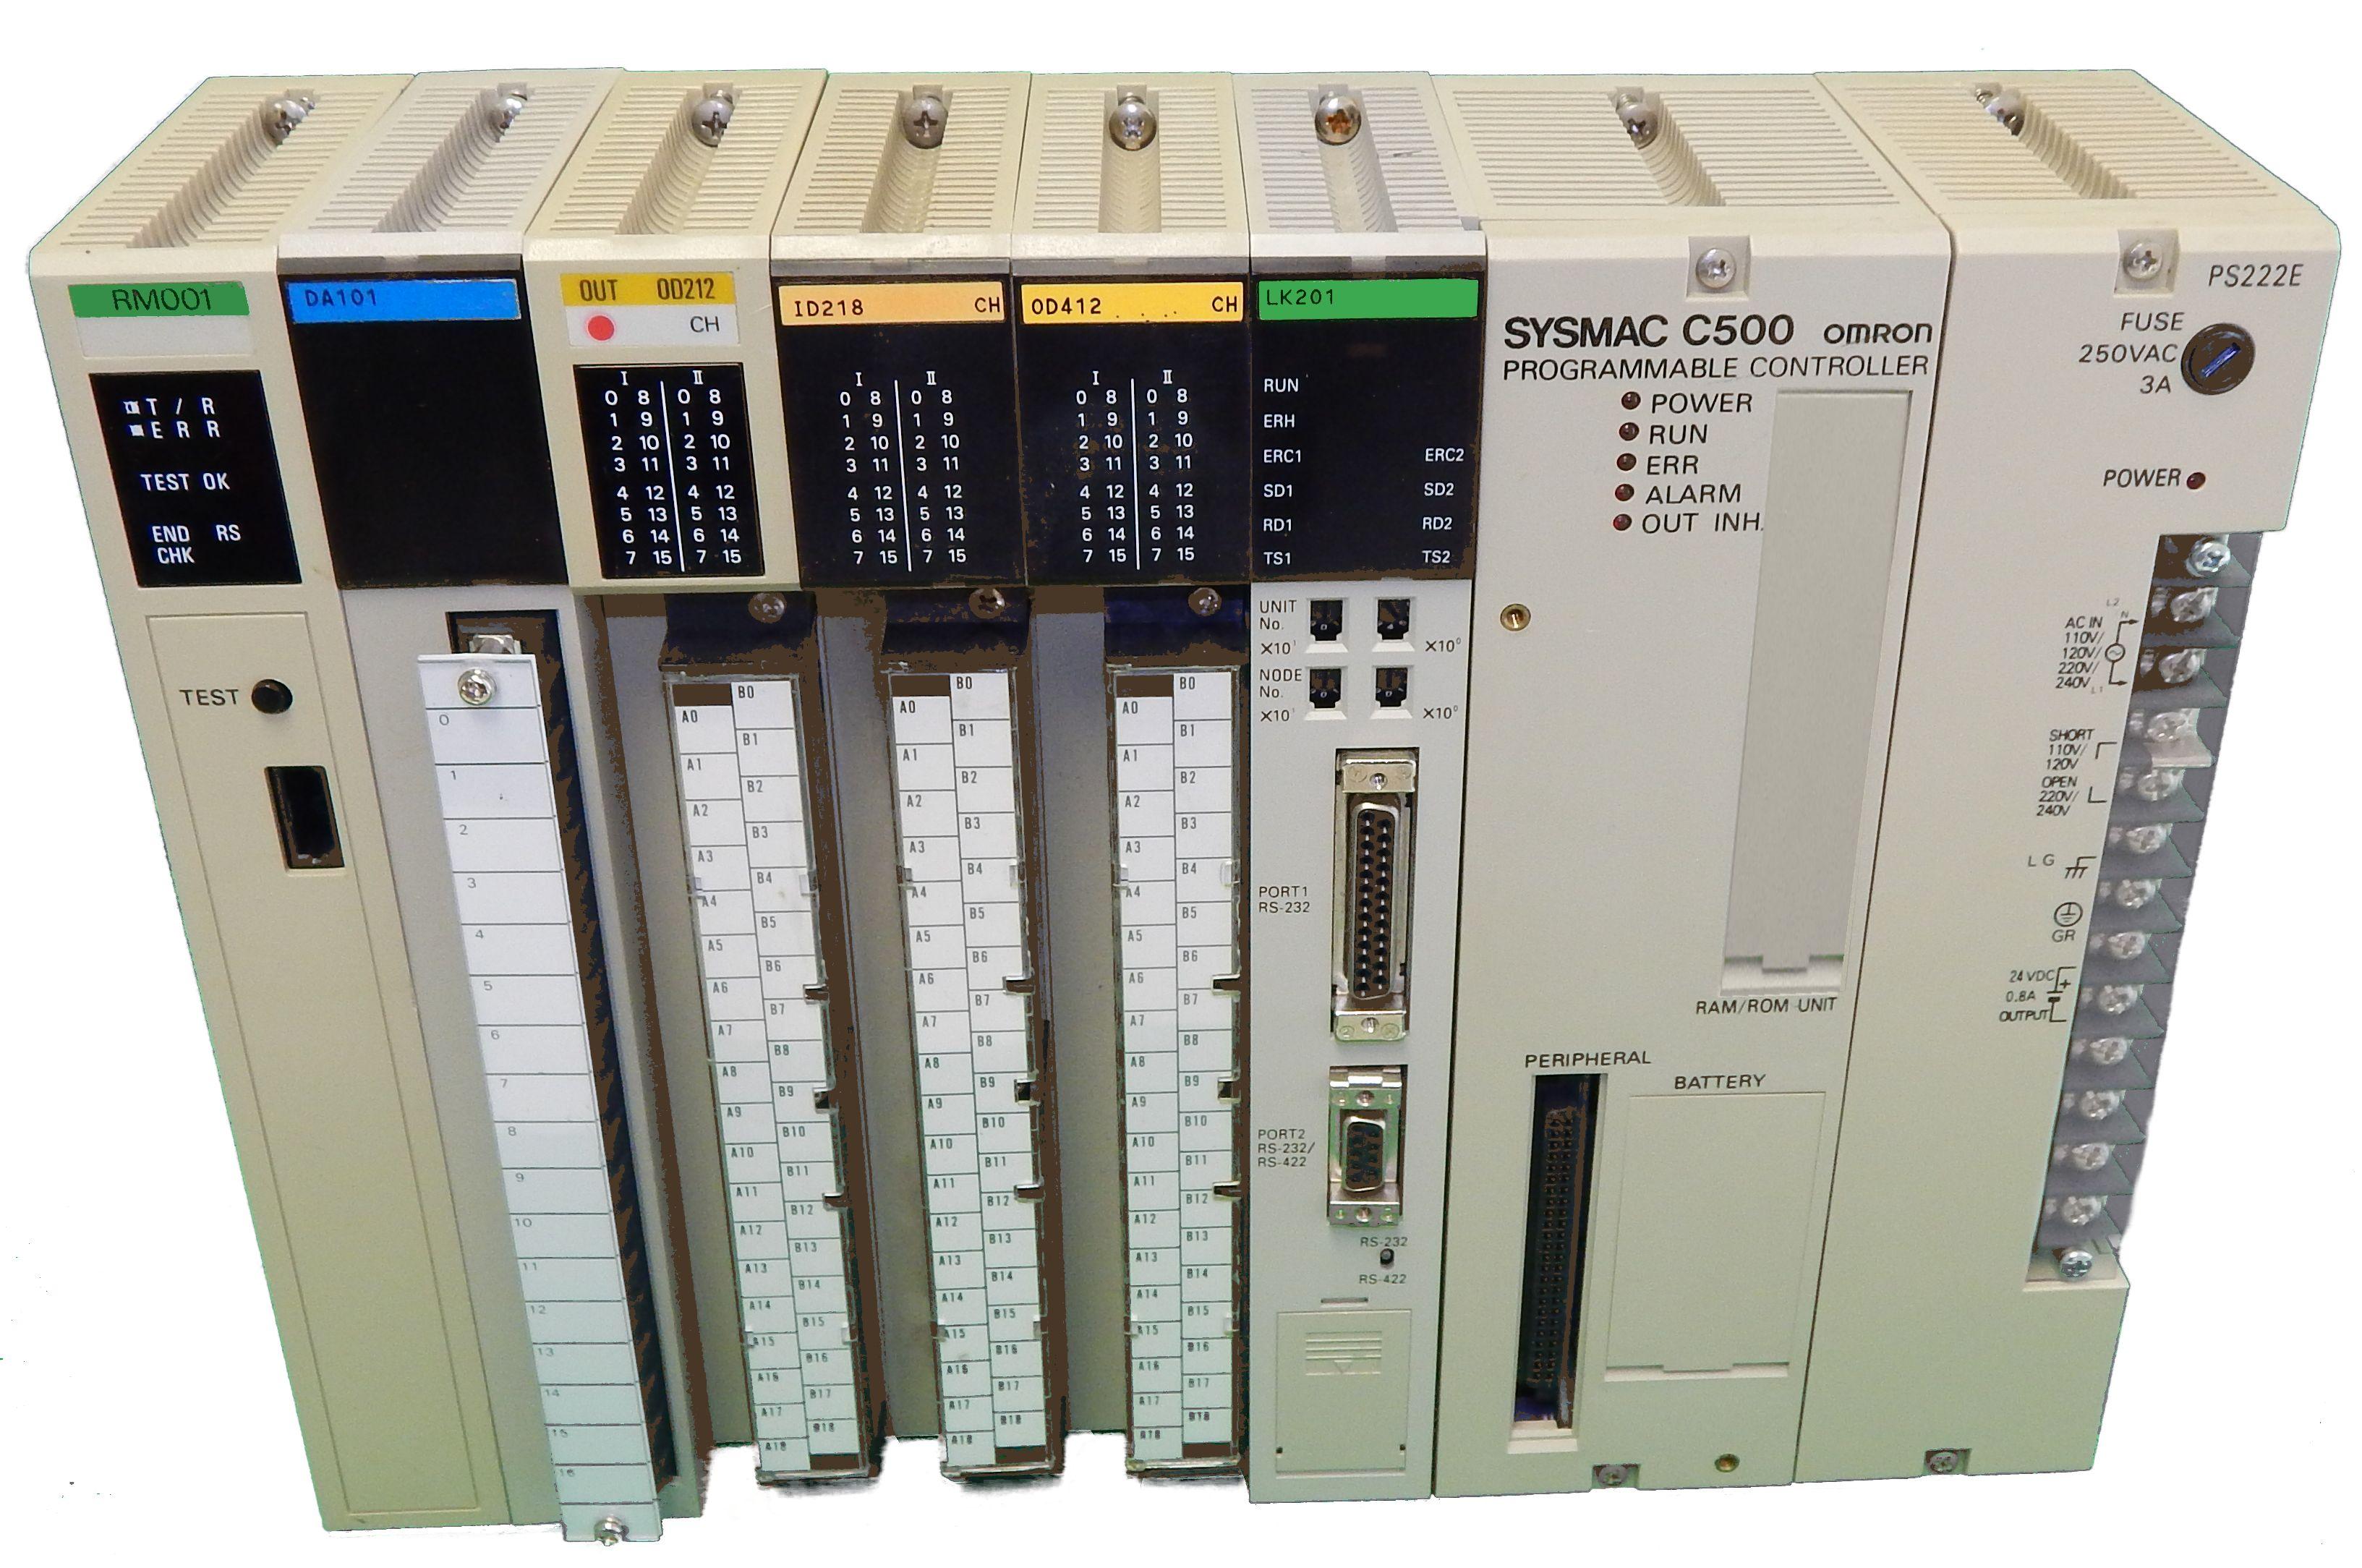 3G2A5-CPU11